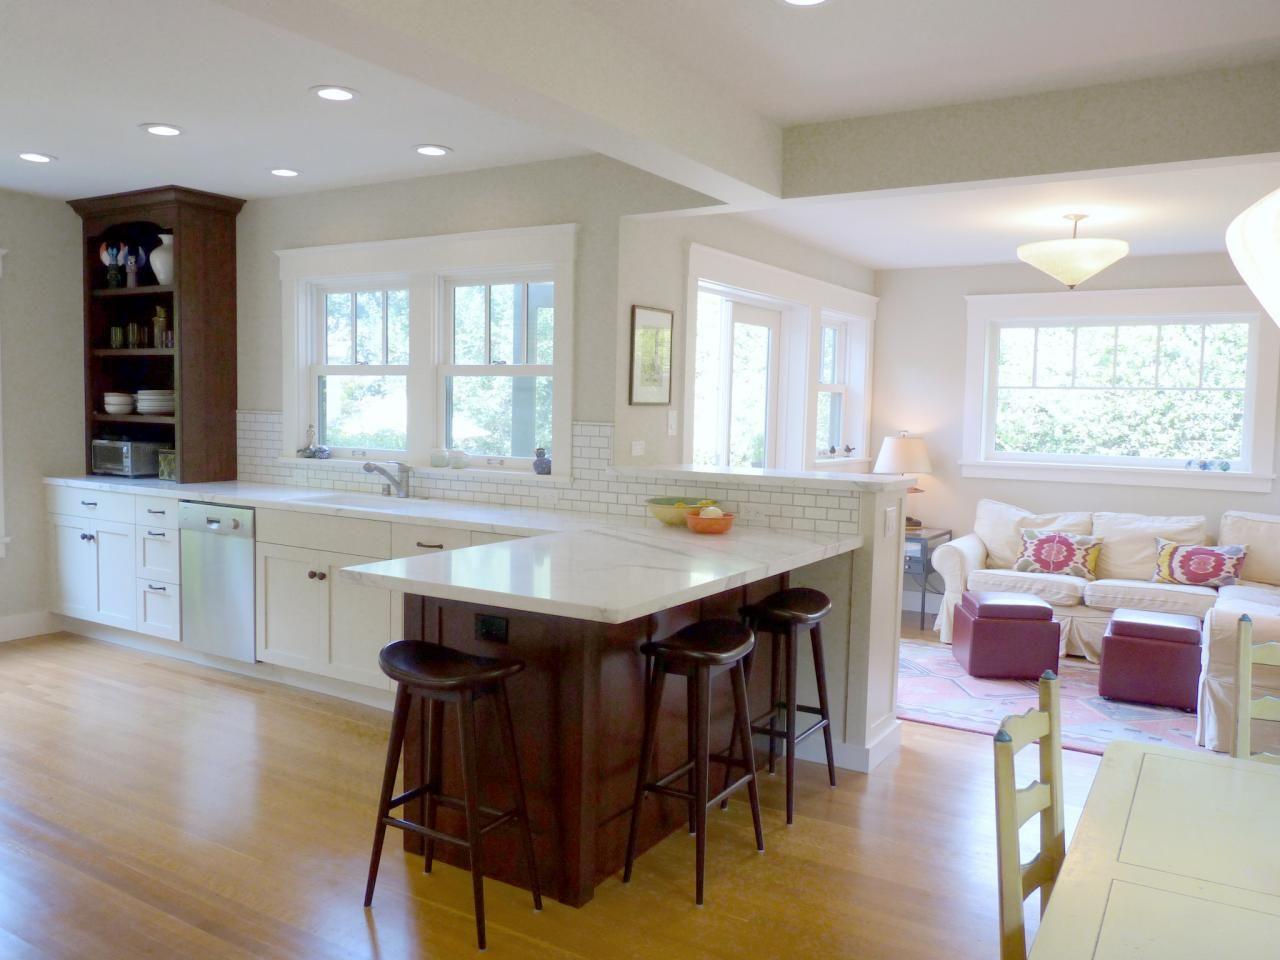 Kitchen Family Room Combine In Harmonious Space Living Room Dining Room Combo Kitchen Dining Room Combo Dining Room Remodel Kitchen great room combinations